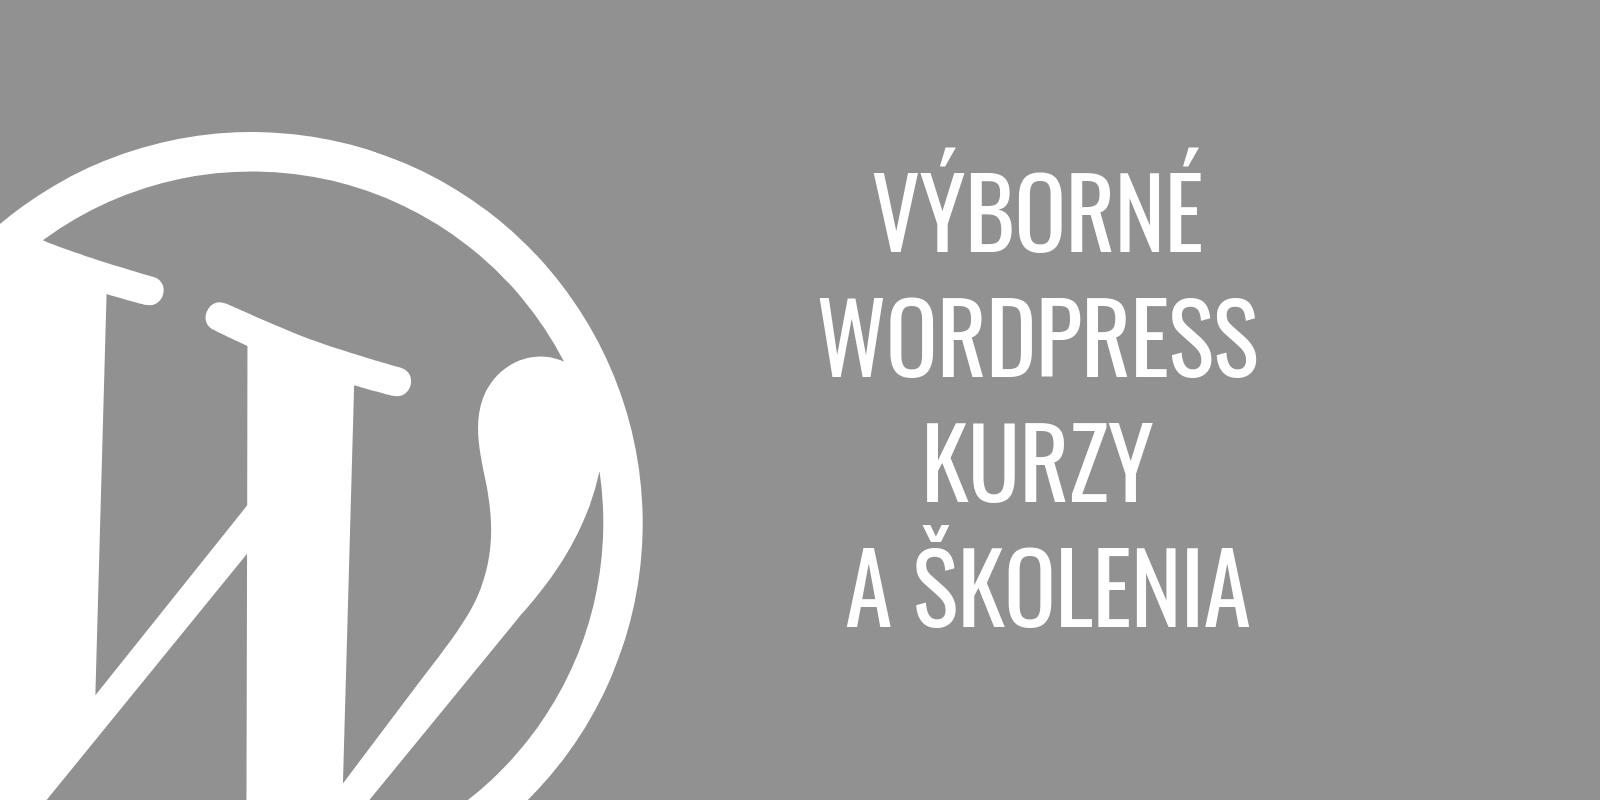 Výborné WordPress kurzy a školenia